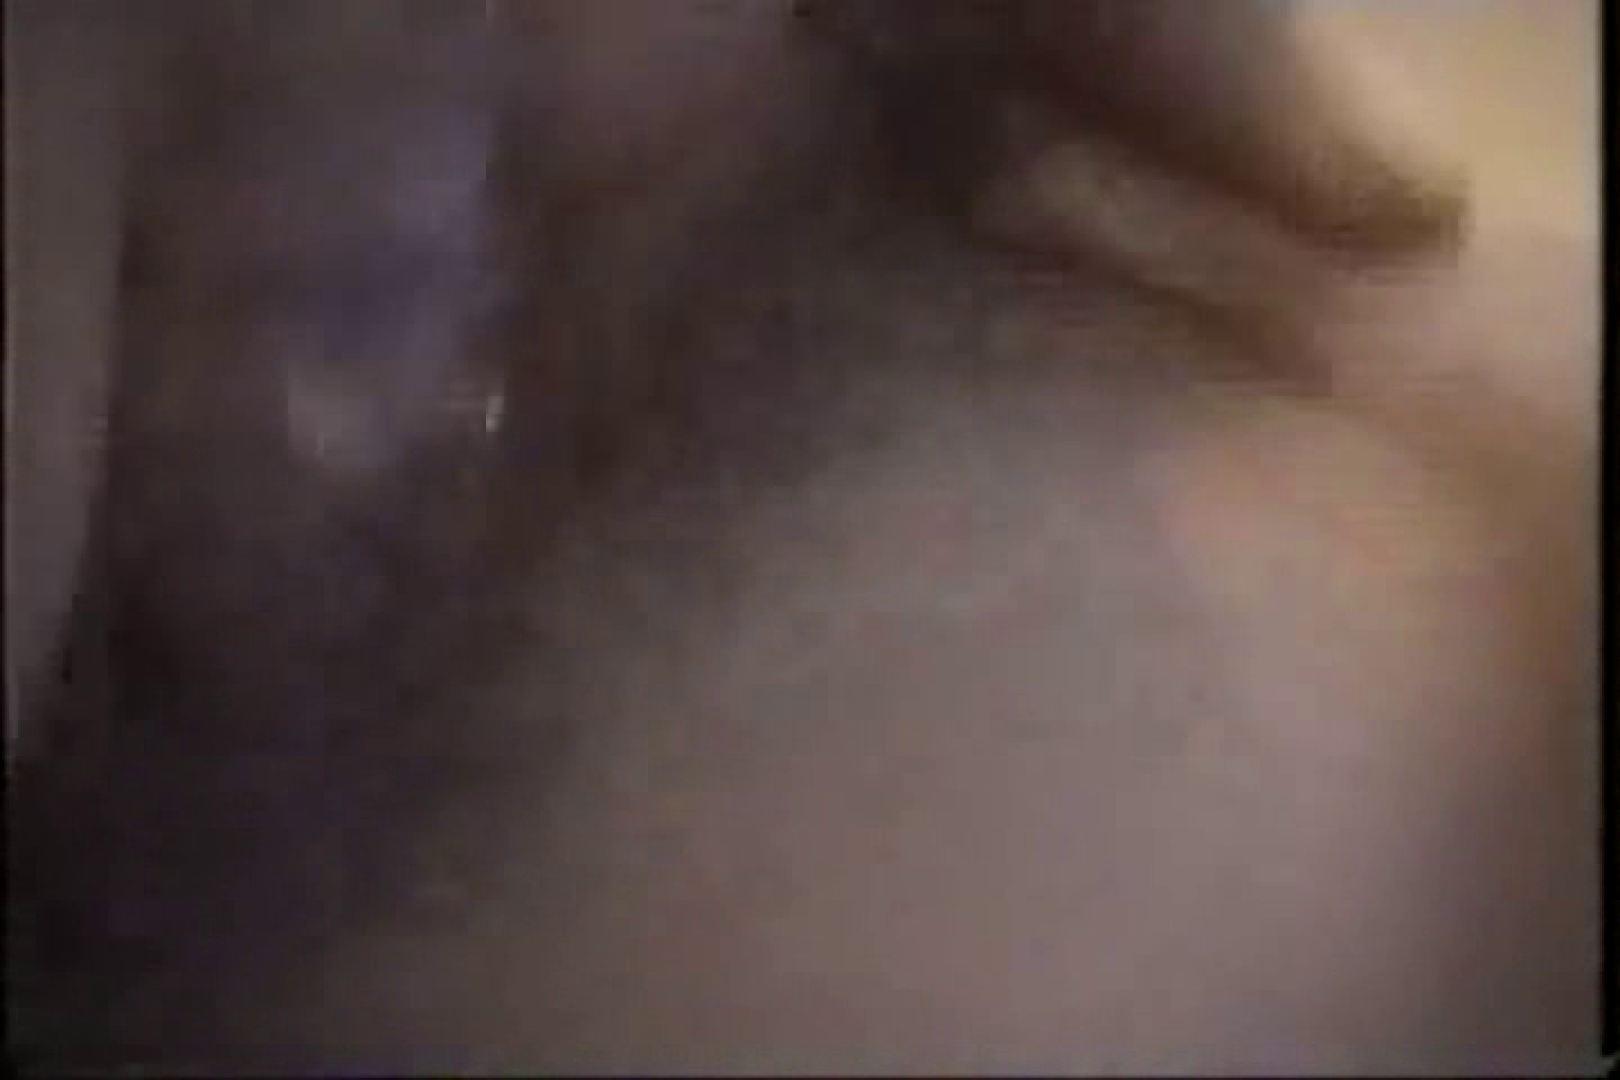 ウイルス流出 純子とてつやの指マン潮吹き&生セックス セックス オメコ無修正動画無料 91pic 28